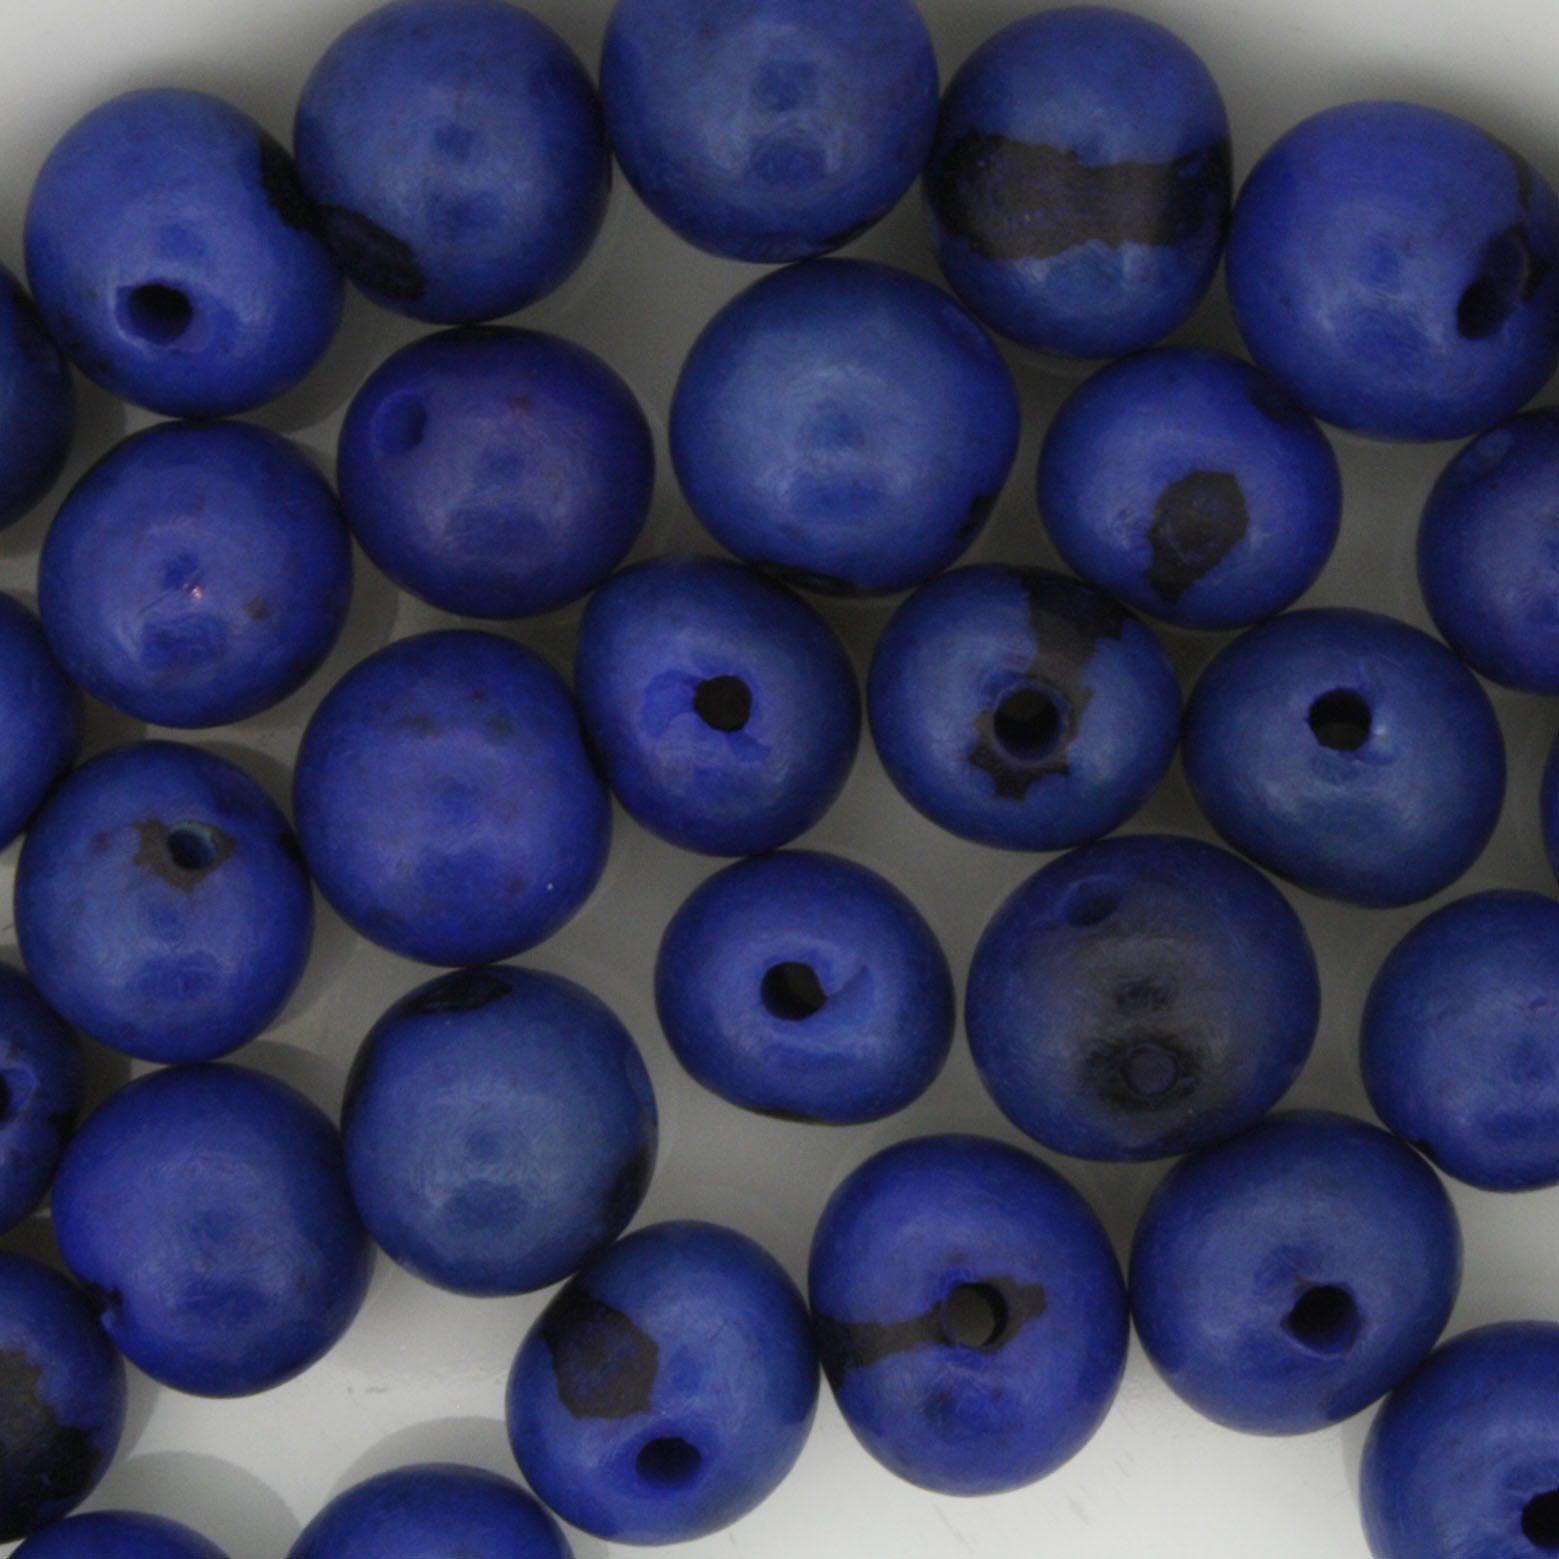 Semente de Açai - Azul  - Stéphanie Bijoux® - Peças para Bijuterias e Artesanato